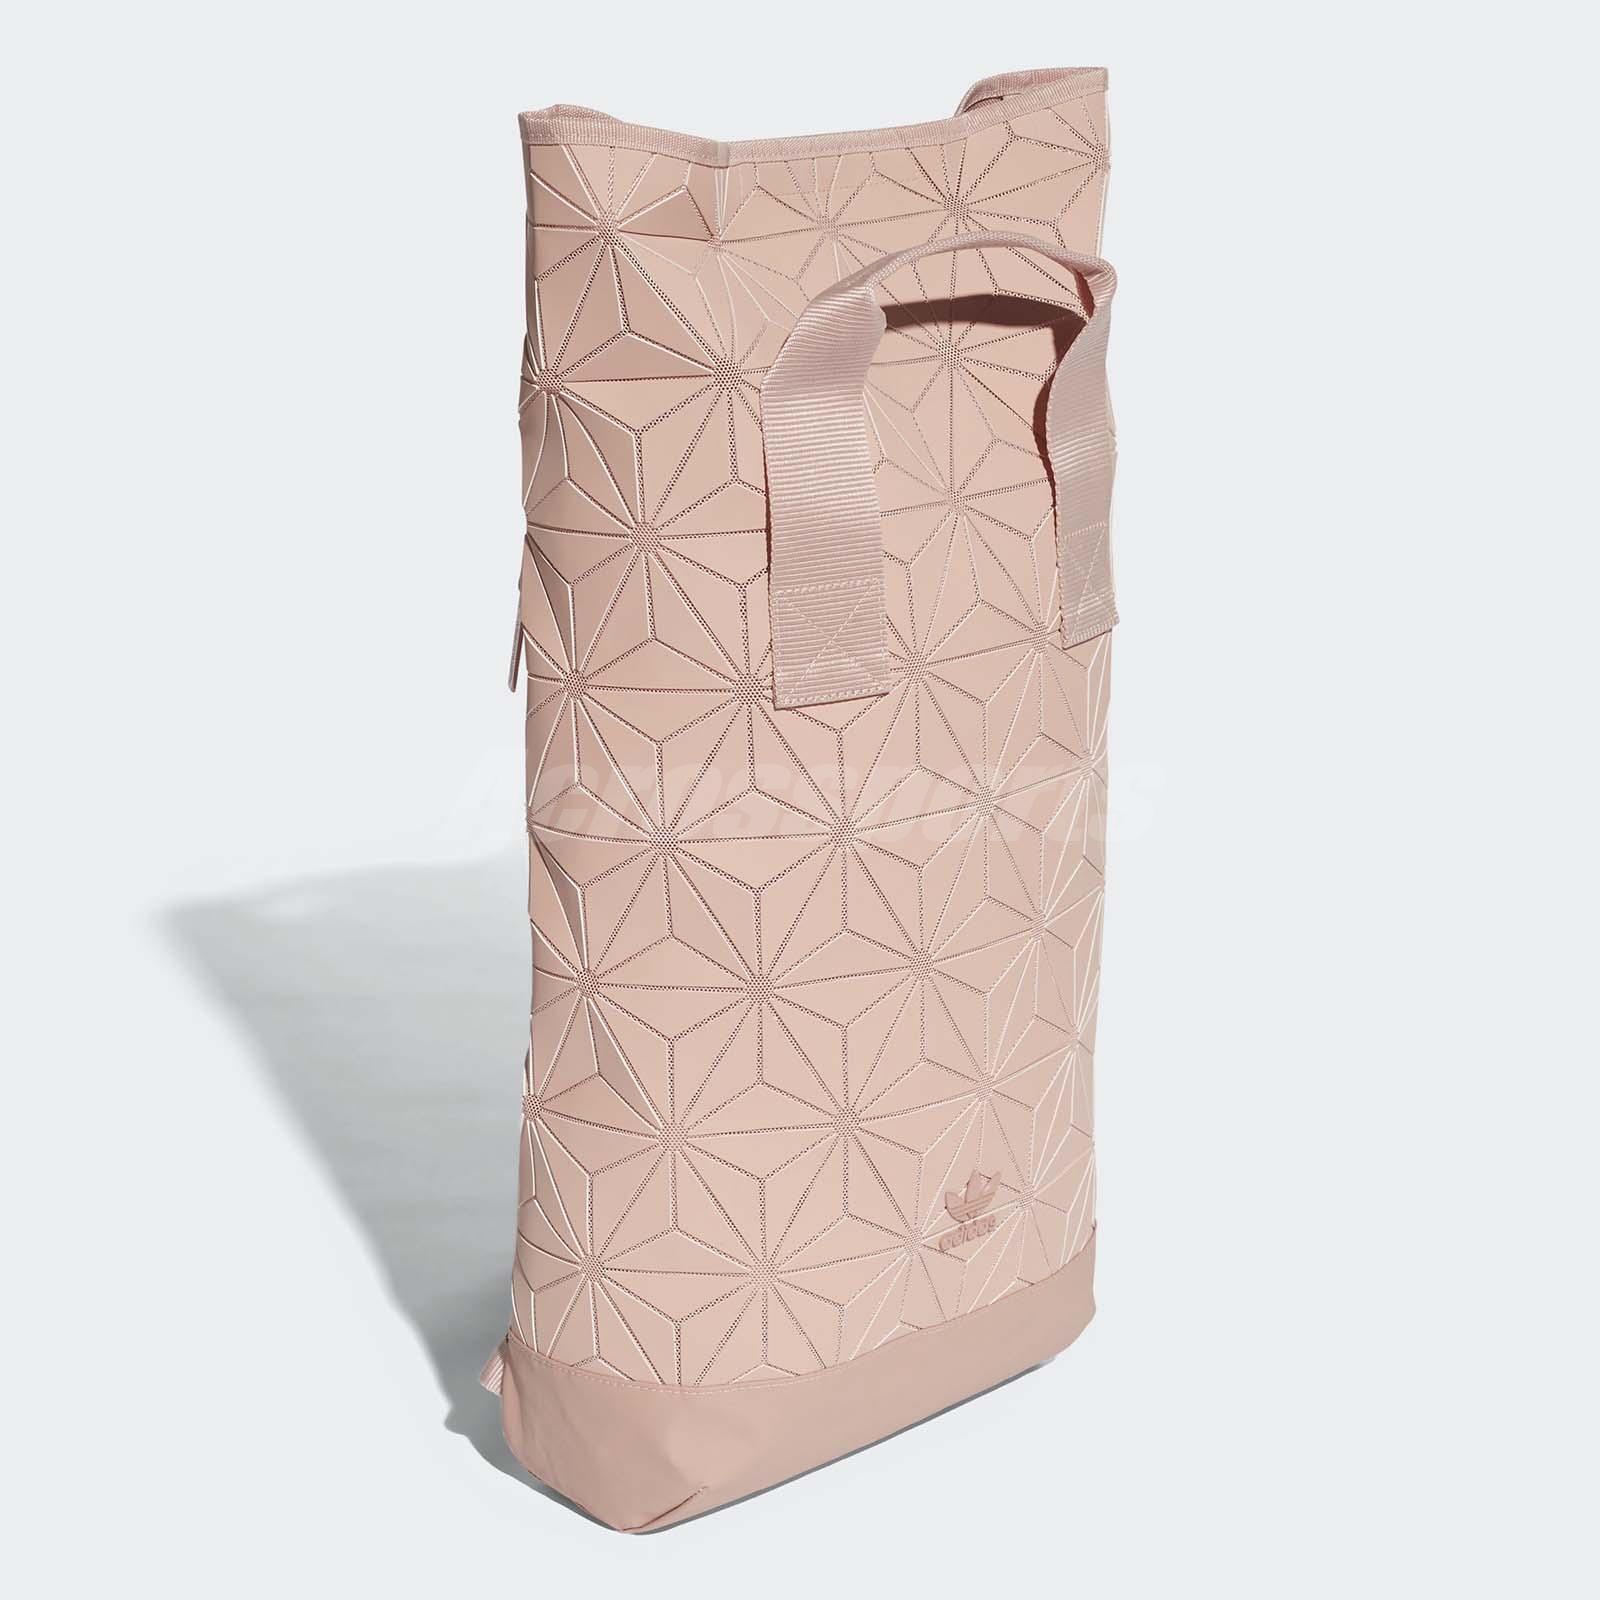 1d43ebd1a5cd Japan Adidas Originals 3d Mesh Roll Up Backpack Roll Top- Fenix ...